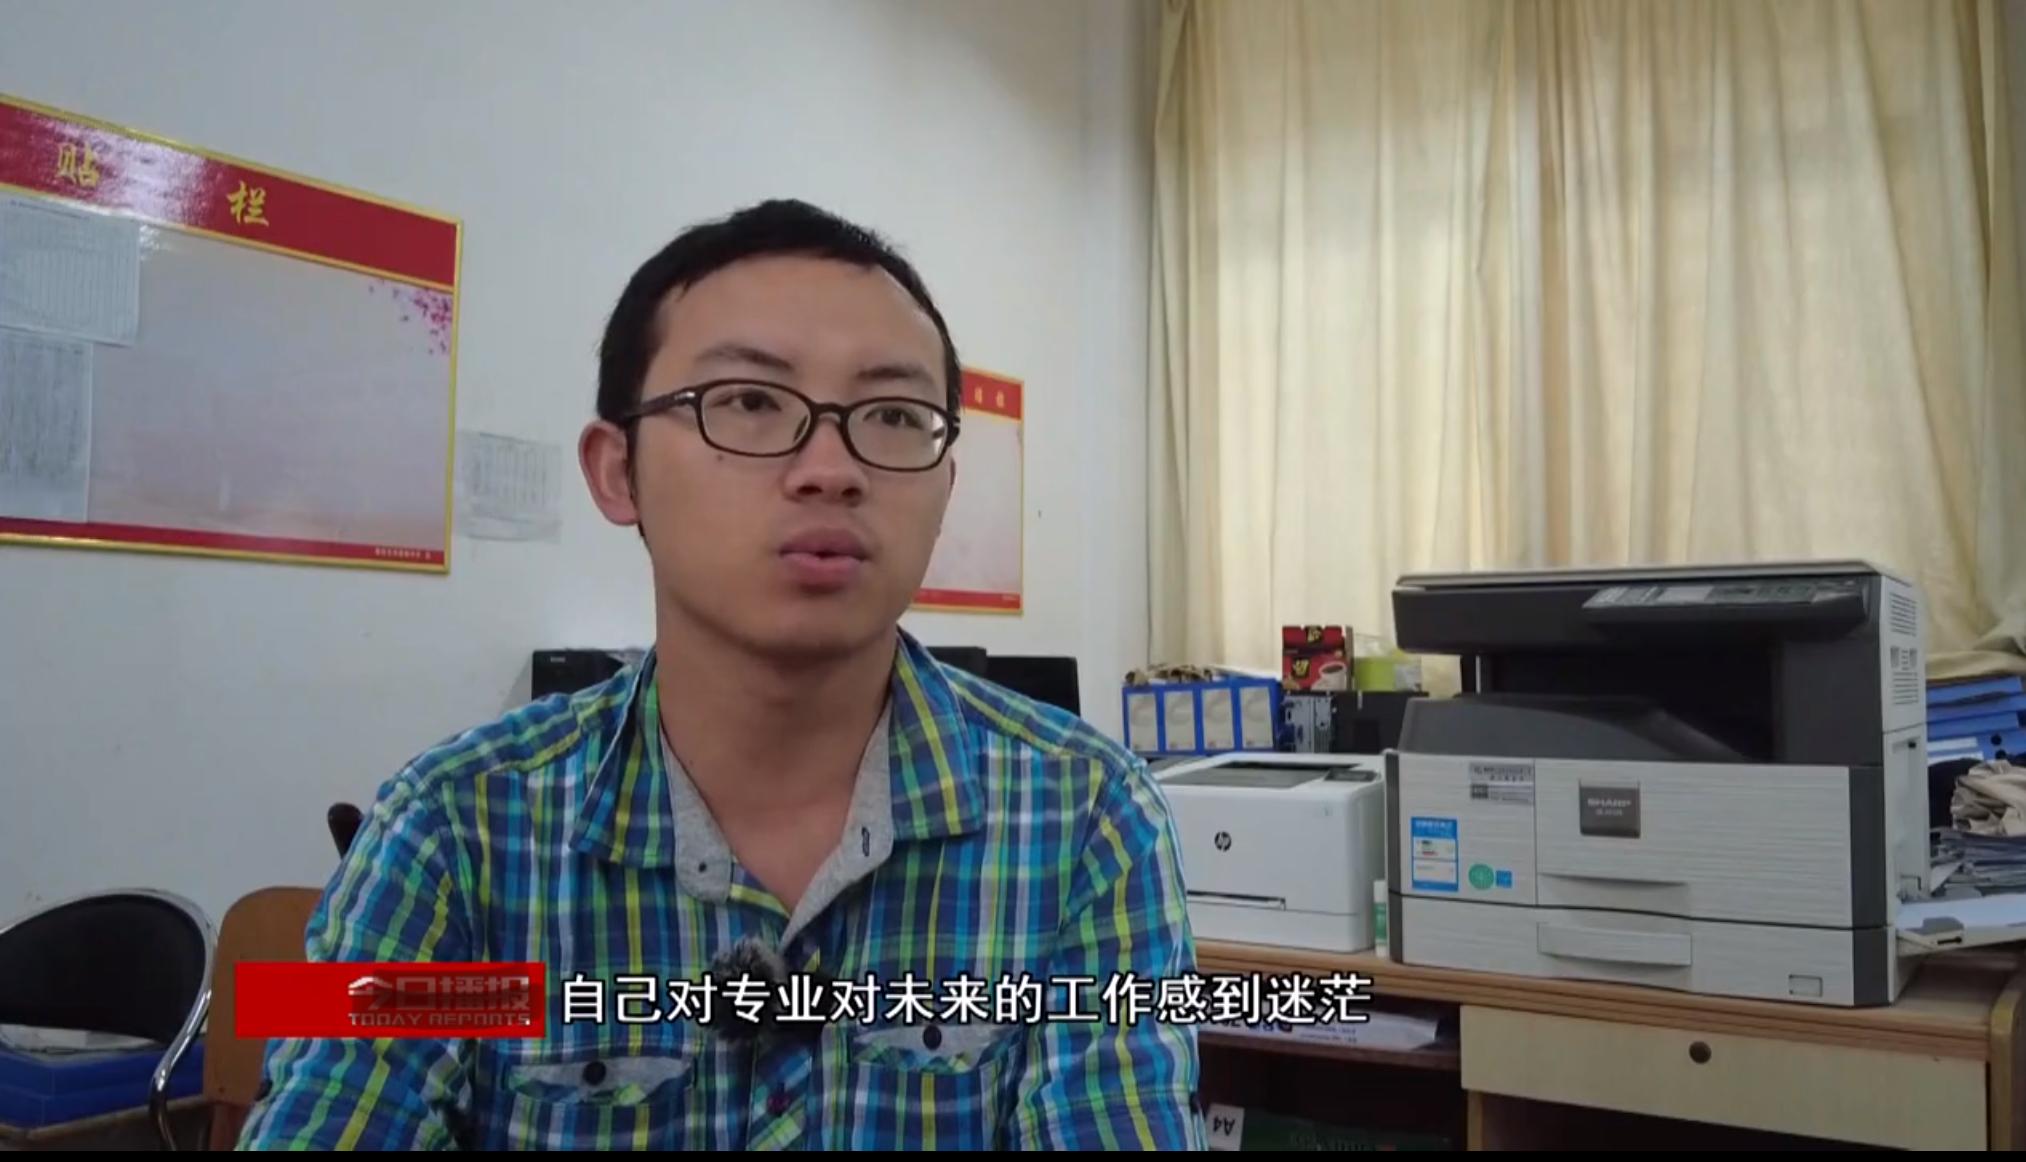 湖北襄阳26岁外卖小哥再战高考:一个敢于选择的人,才是真正活过